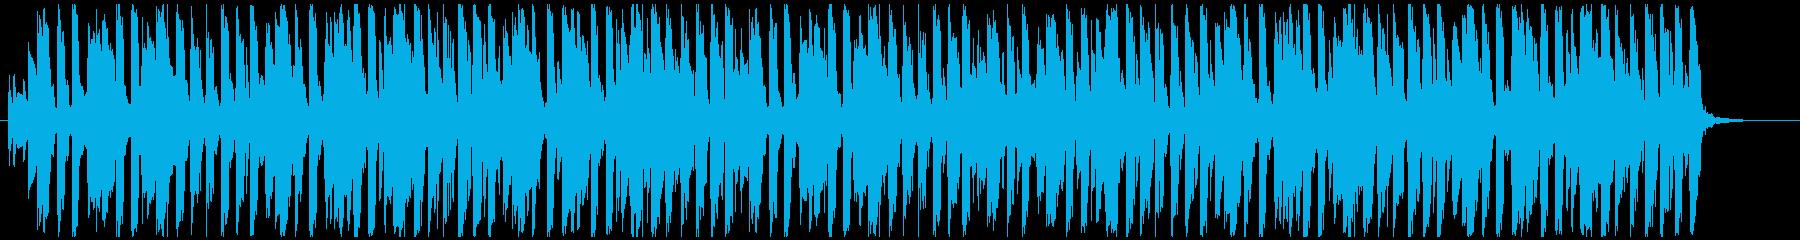 サラサラ ジャズ お笑い 面白い ...の再生済みの波形